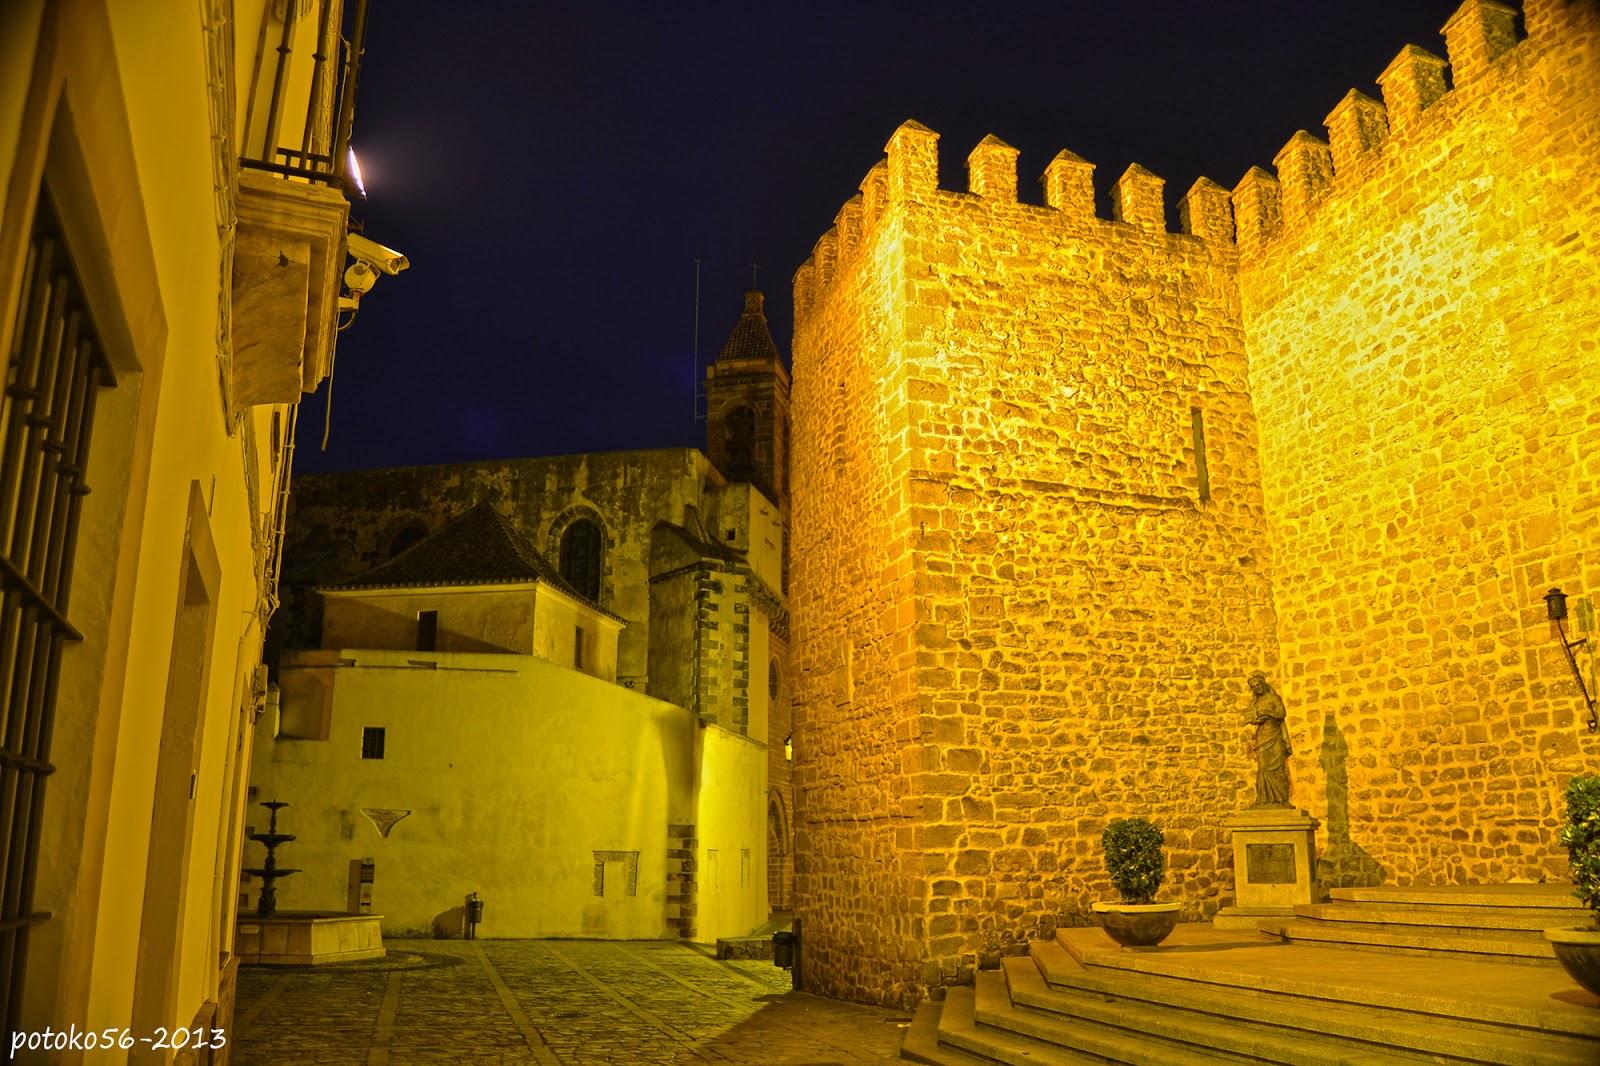 Torre de la Parroquia y Castillo de Luna Rota